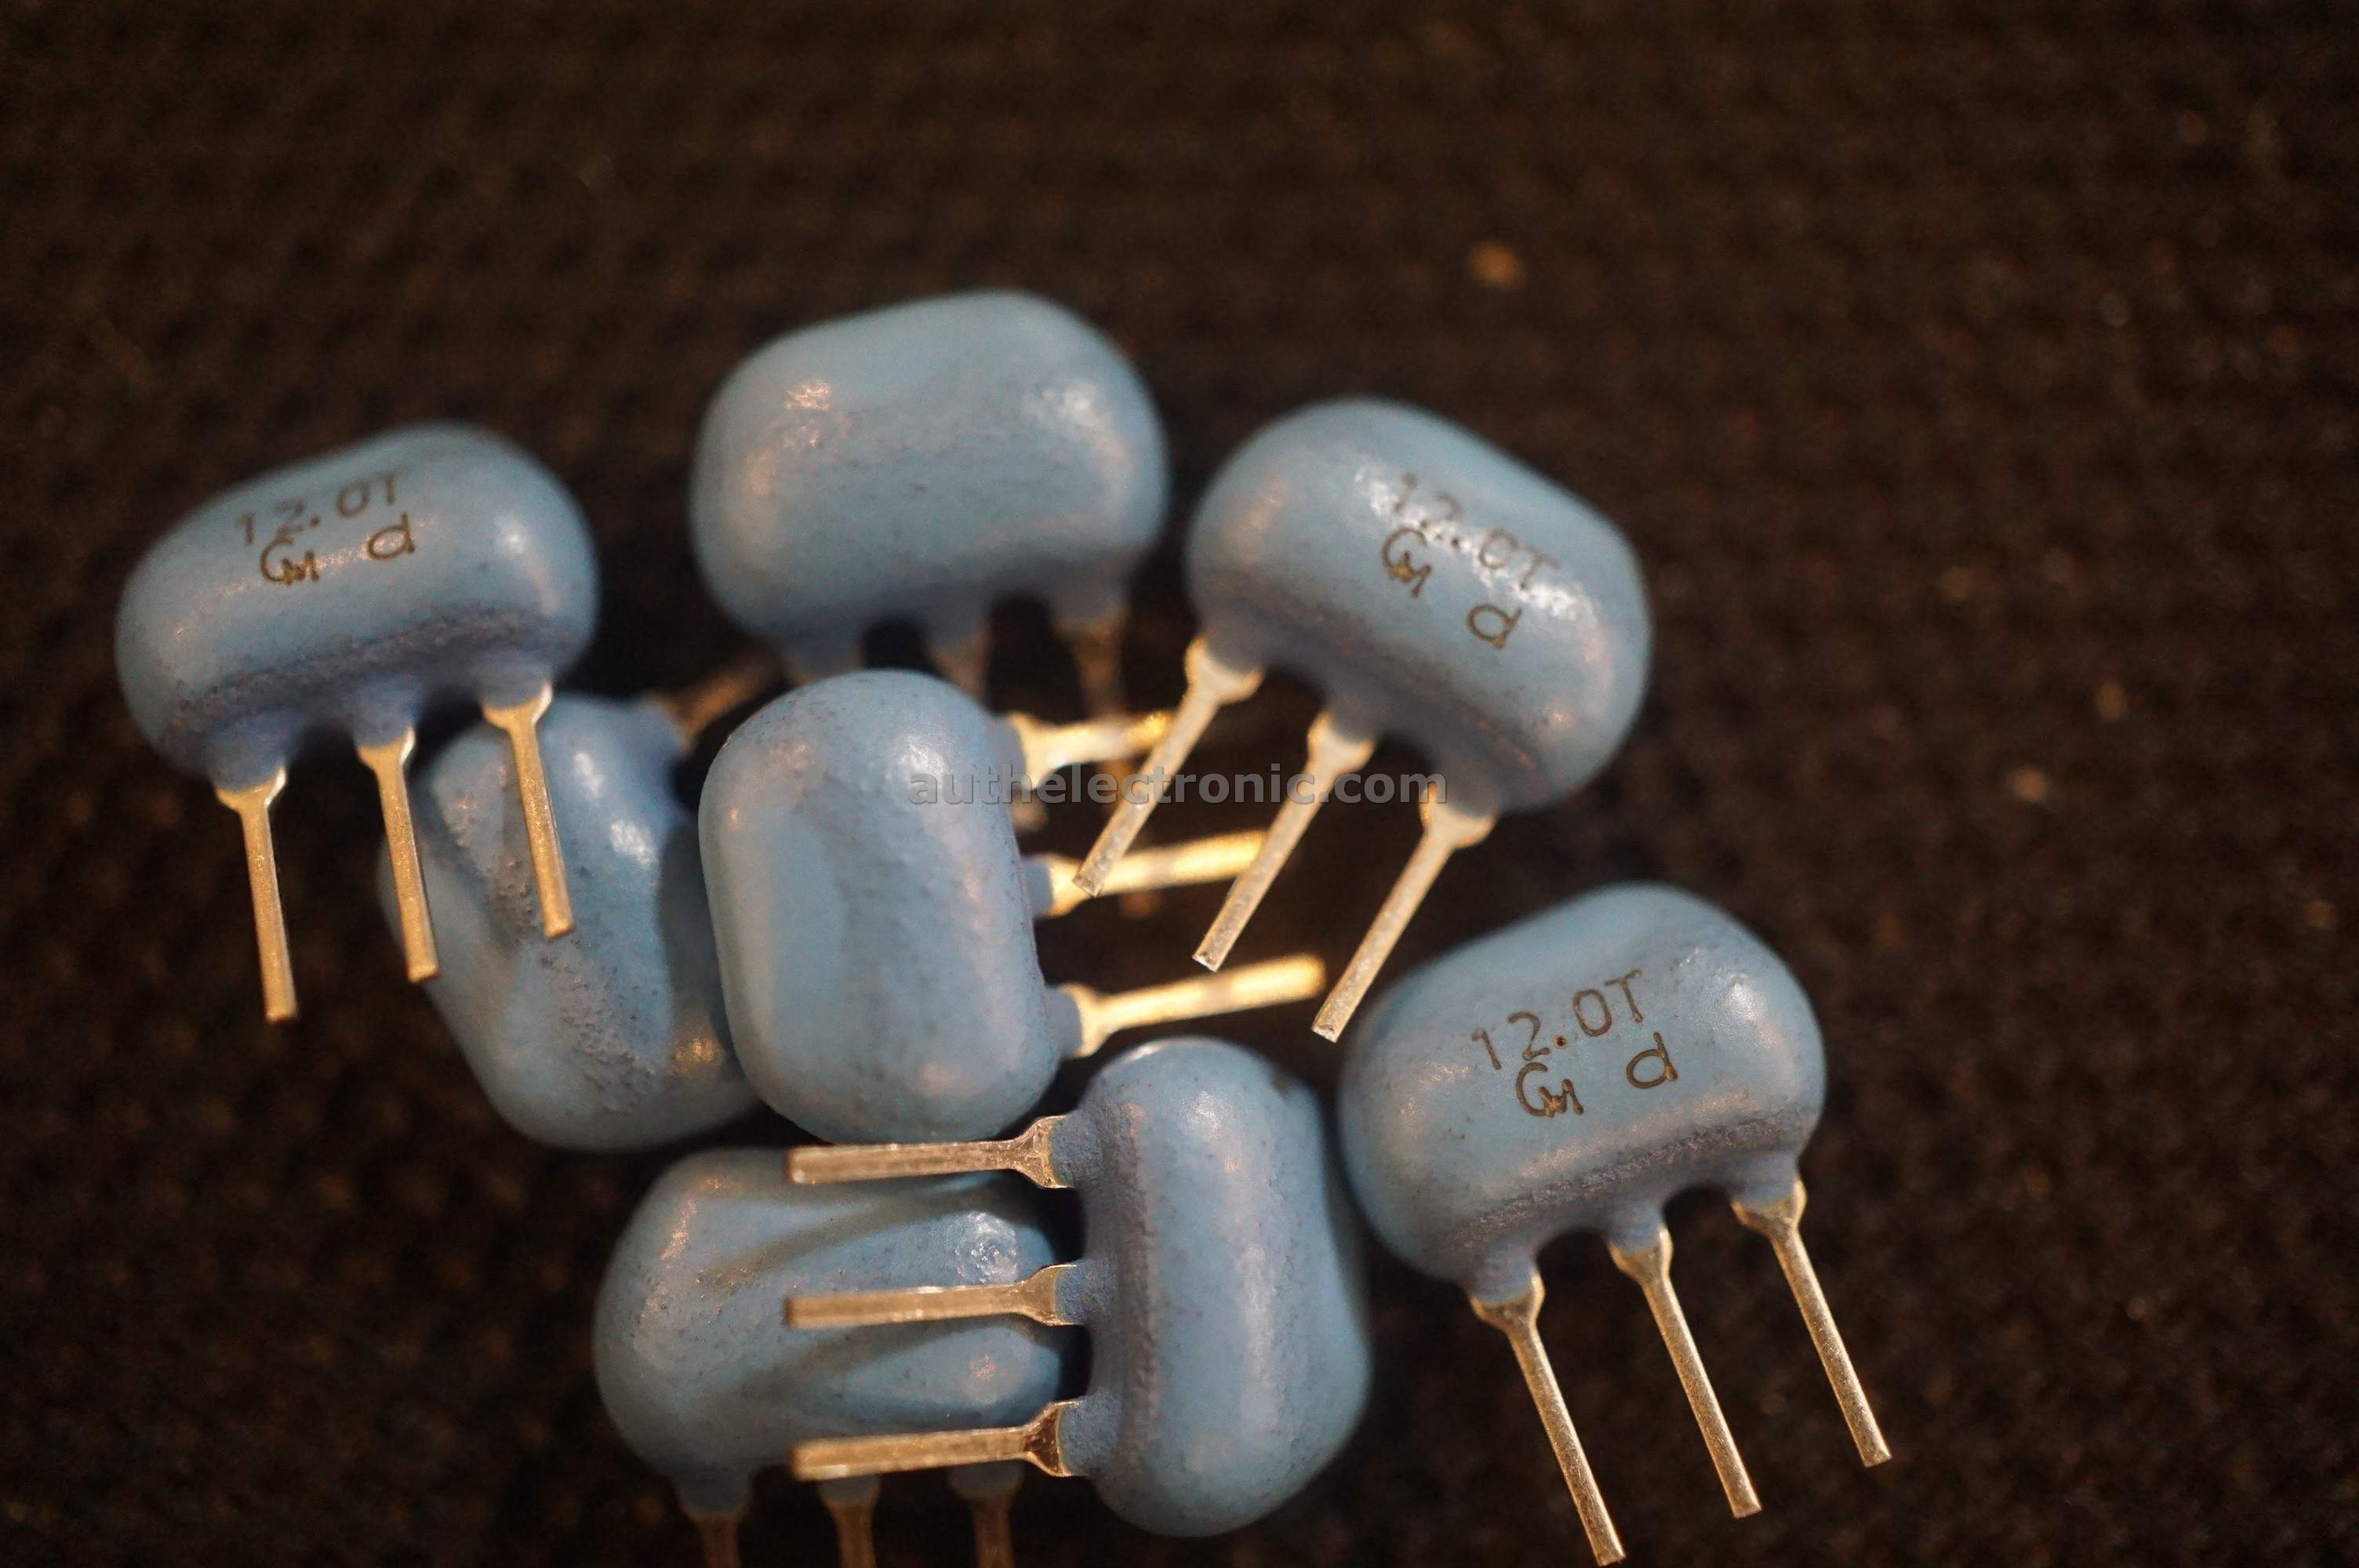 original-crystal-ceramic-resonator-cstls12m-12mhz-3-pins-new-murata